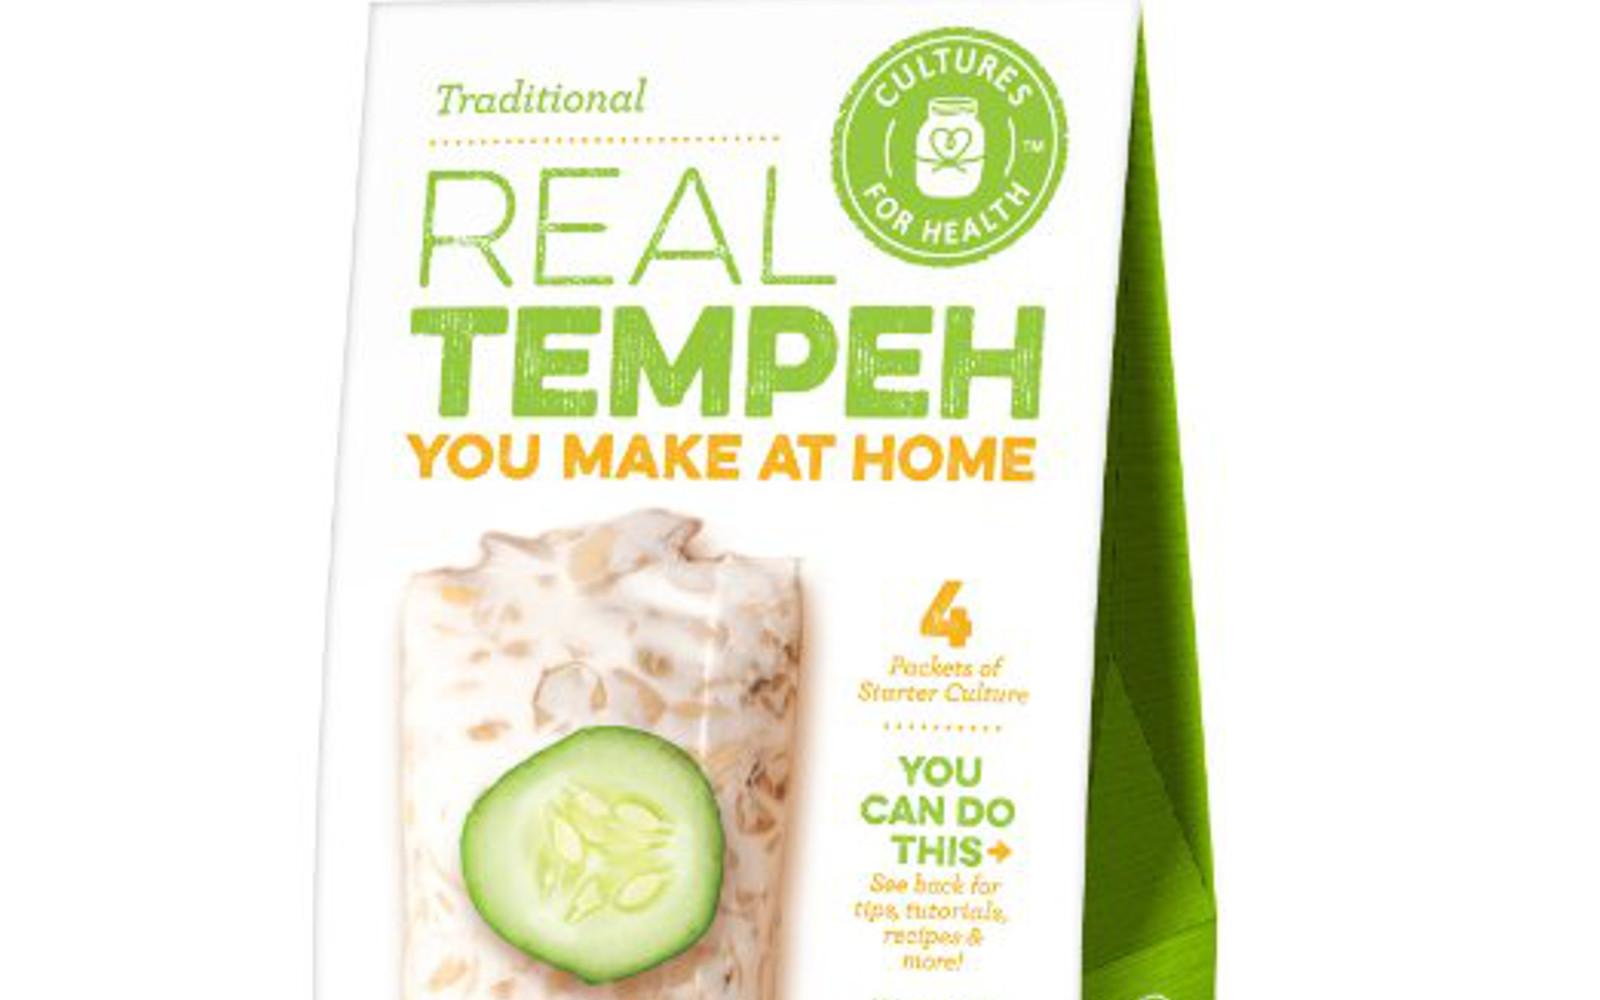 Real Tempeh You Make at Home